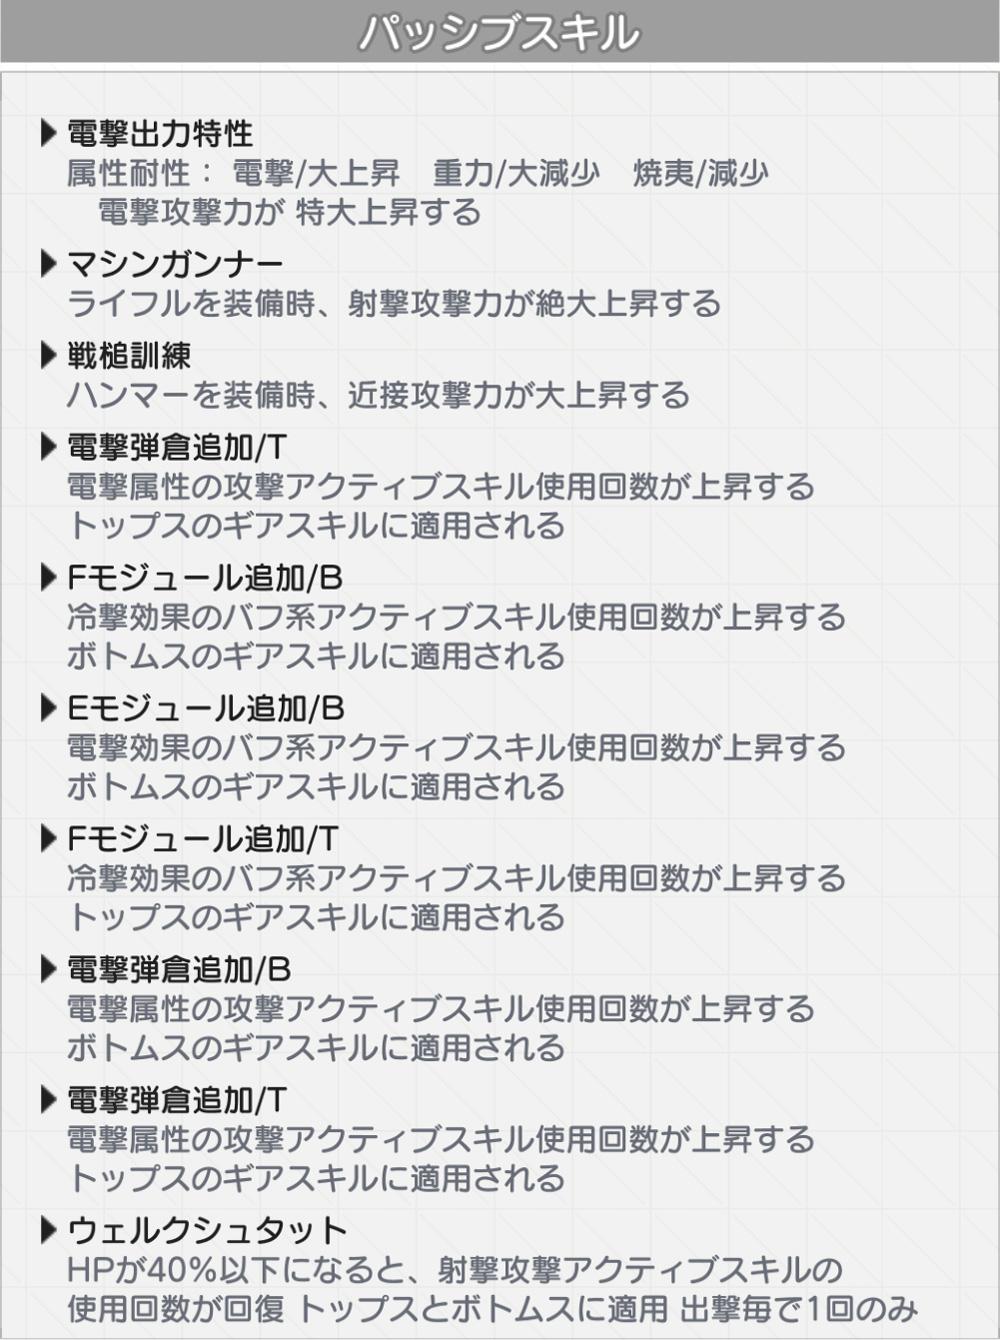 リタスキル.jpg